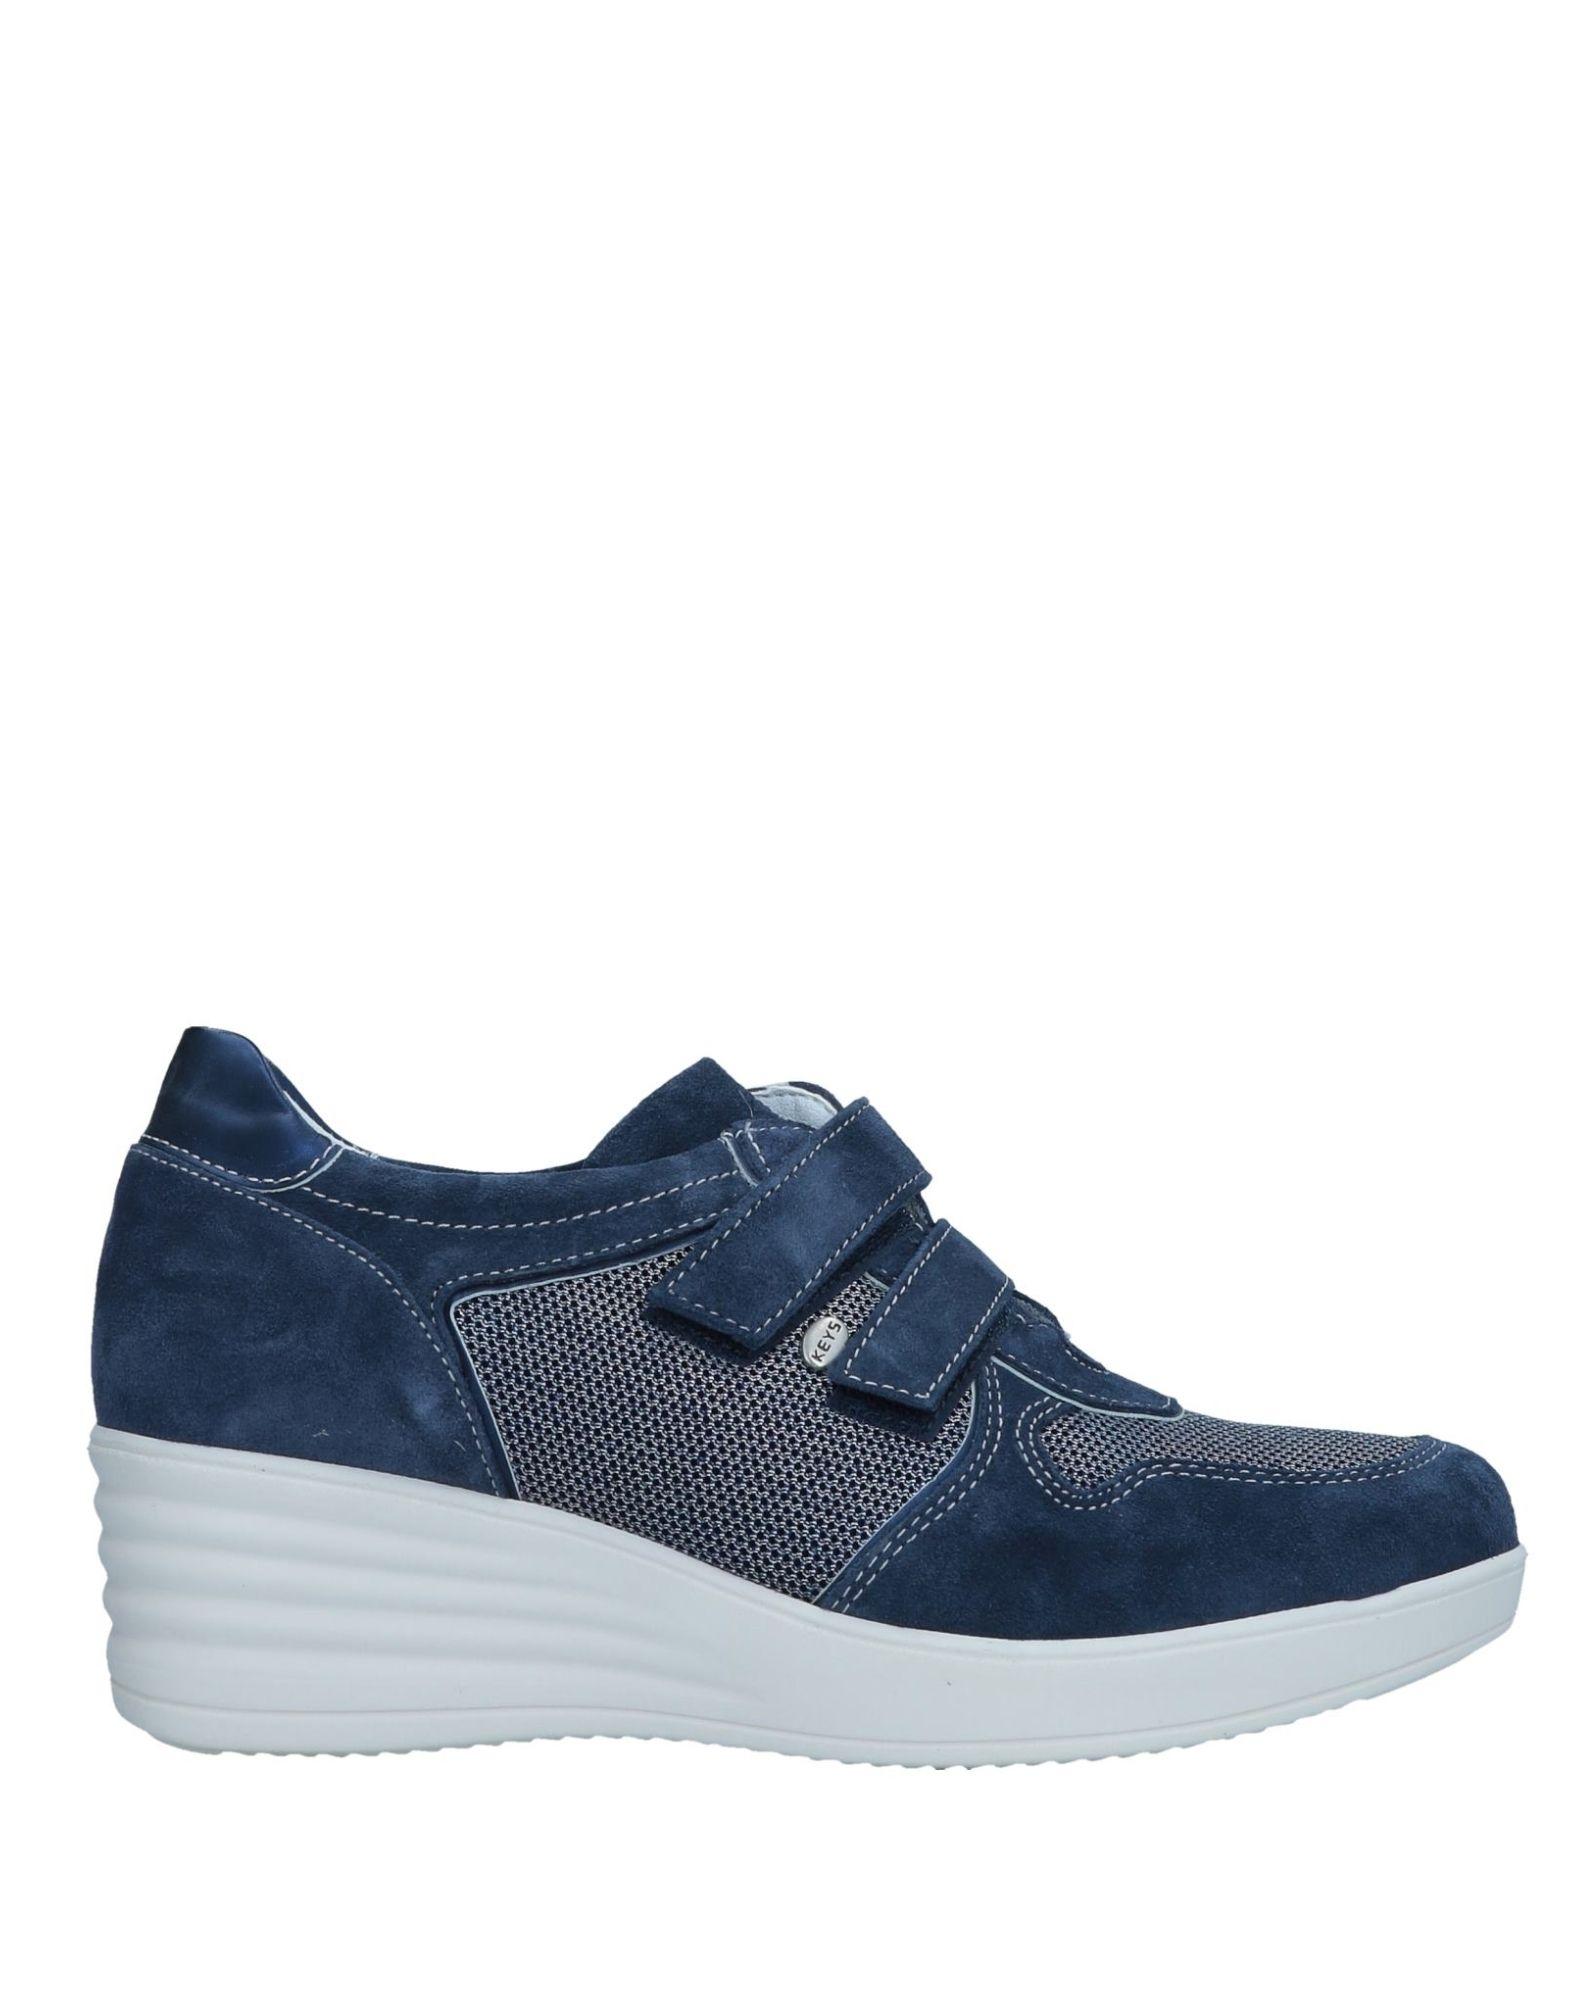 Günstige und modische Schuhe Keys Sneakers Damen  11549136HN